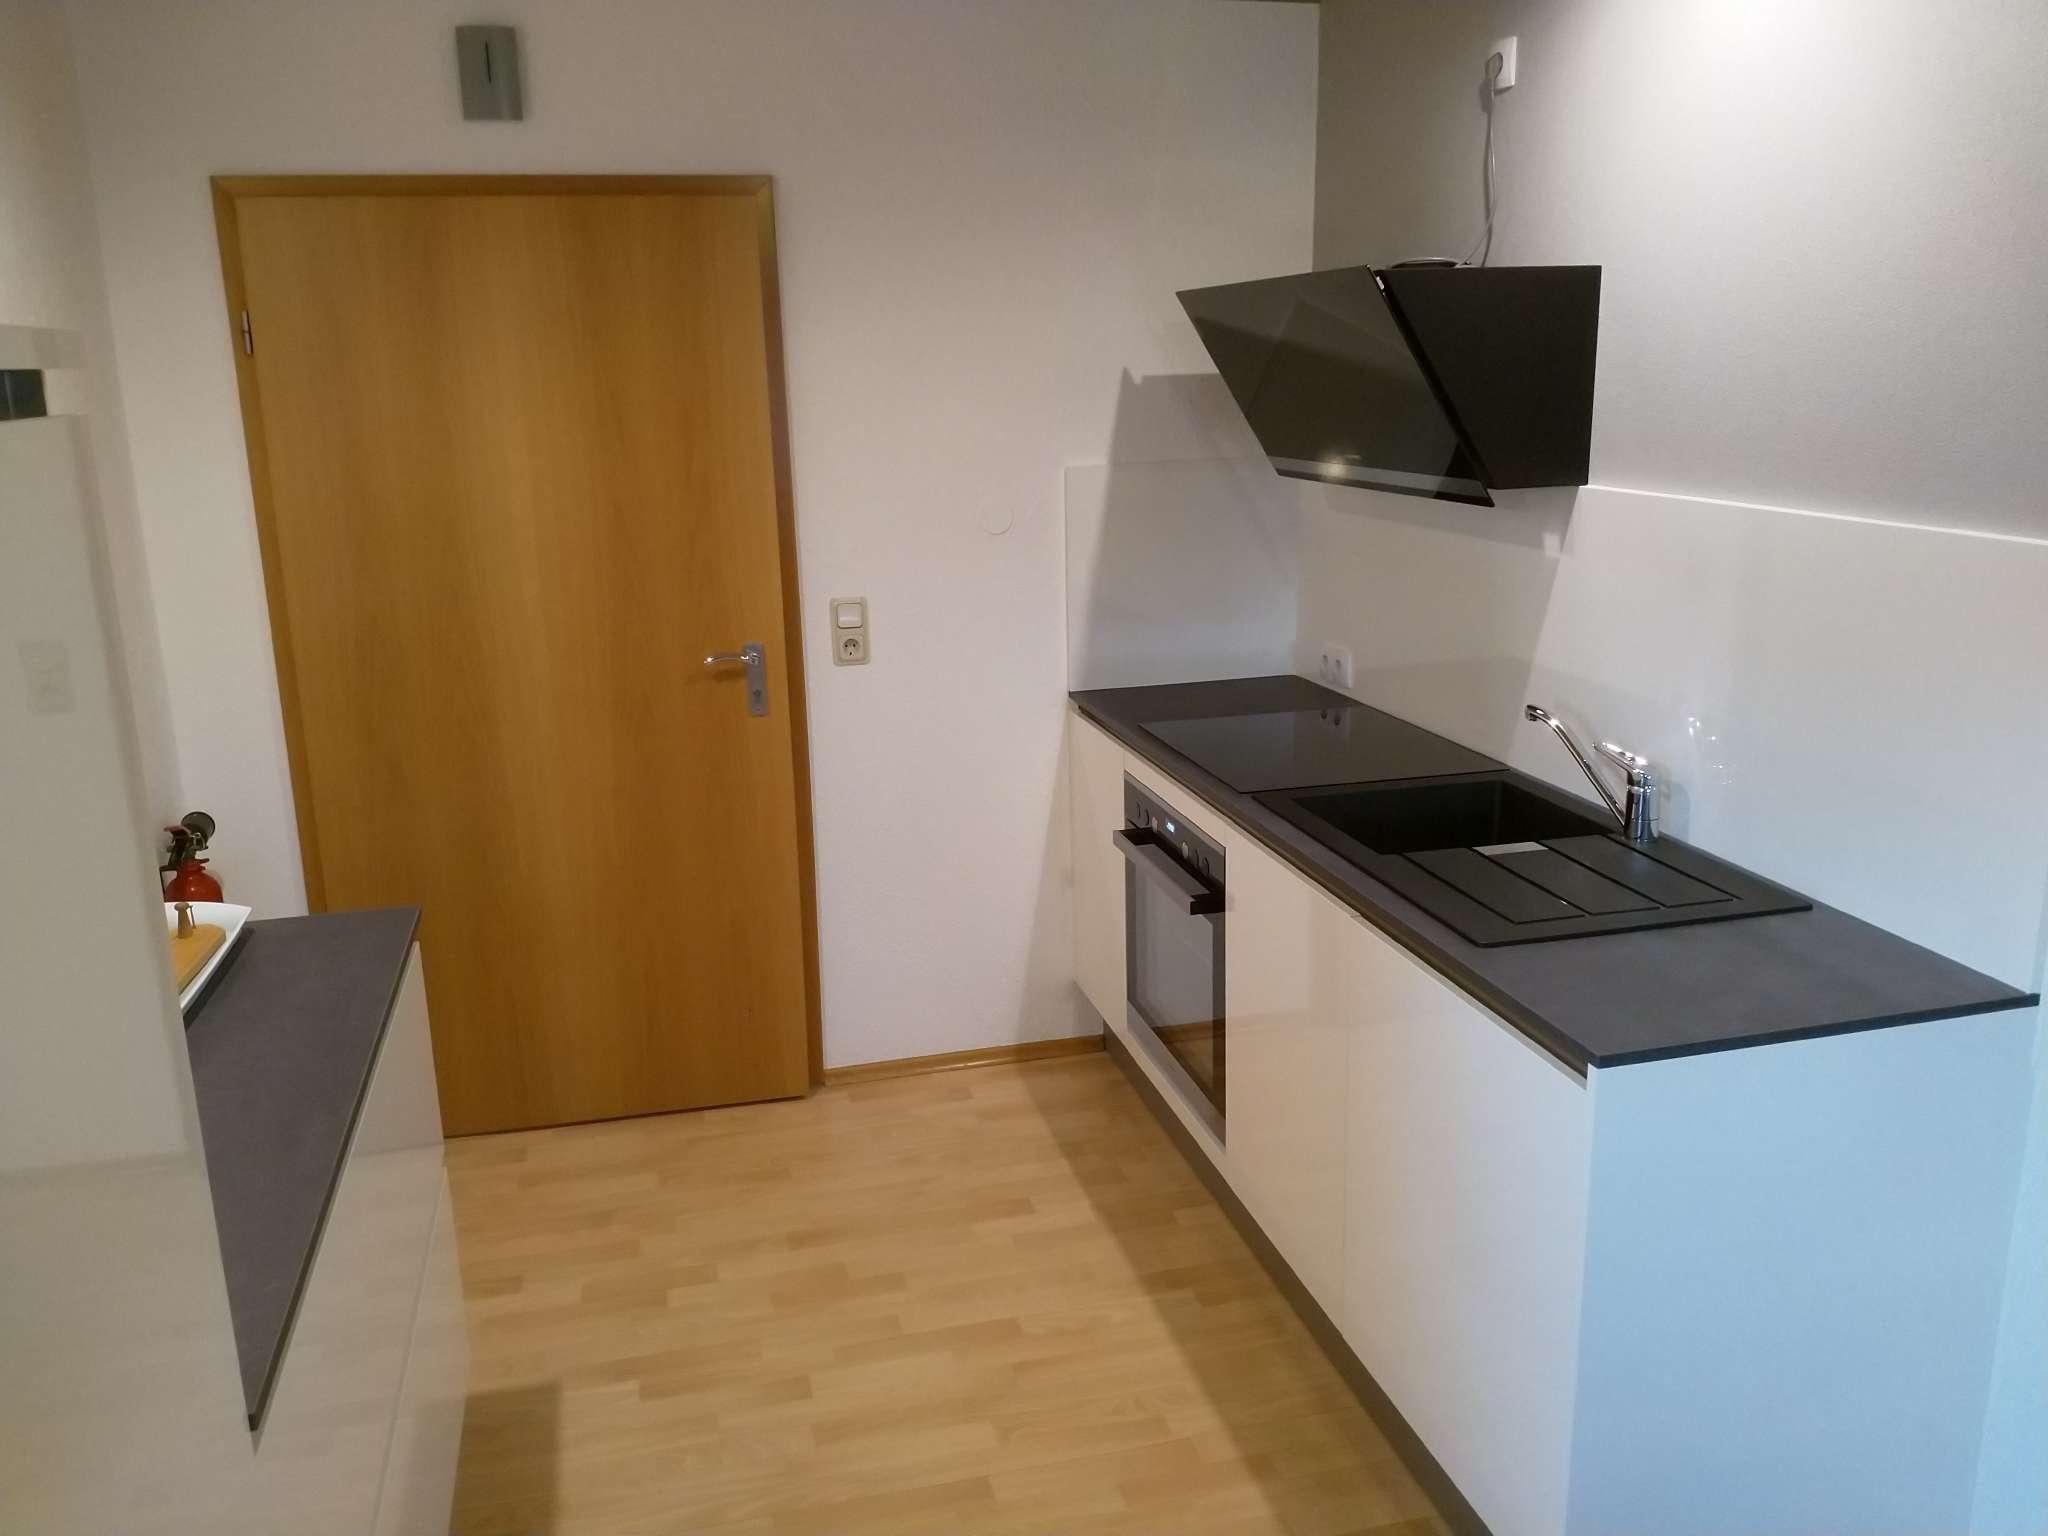 Zusatzbild Nr. 02 von Ferienwohnungen Moselblick - Wohnung Kardinalsberg